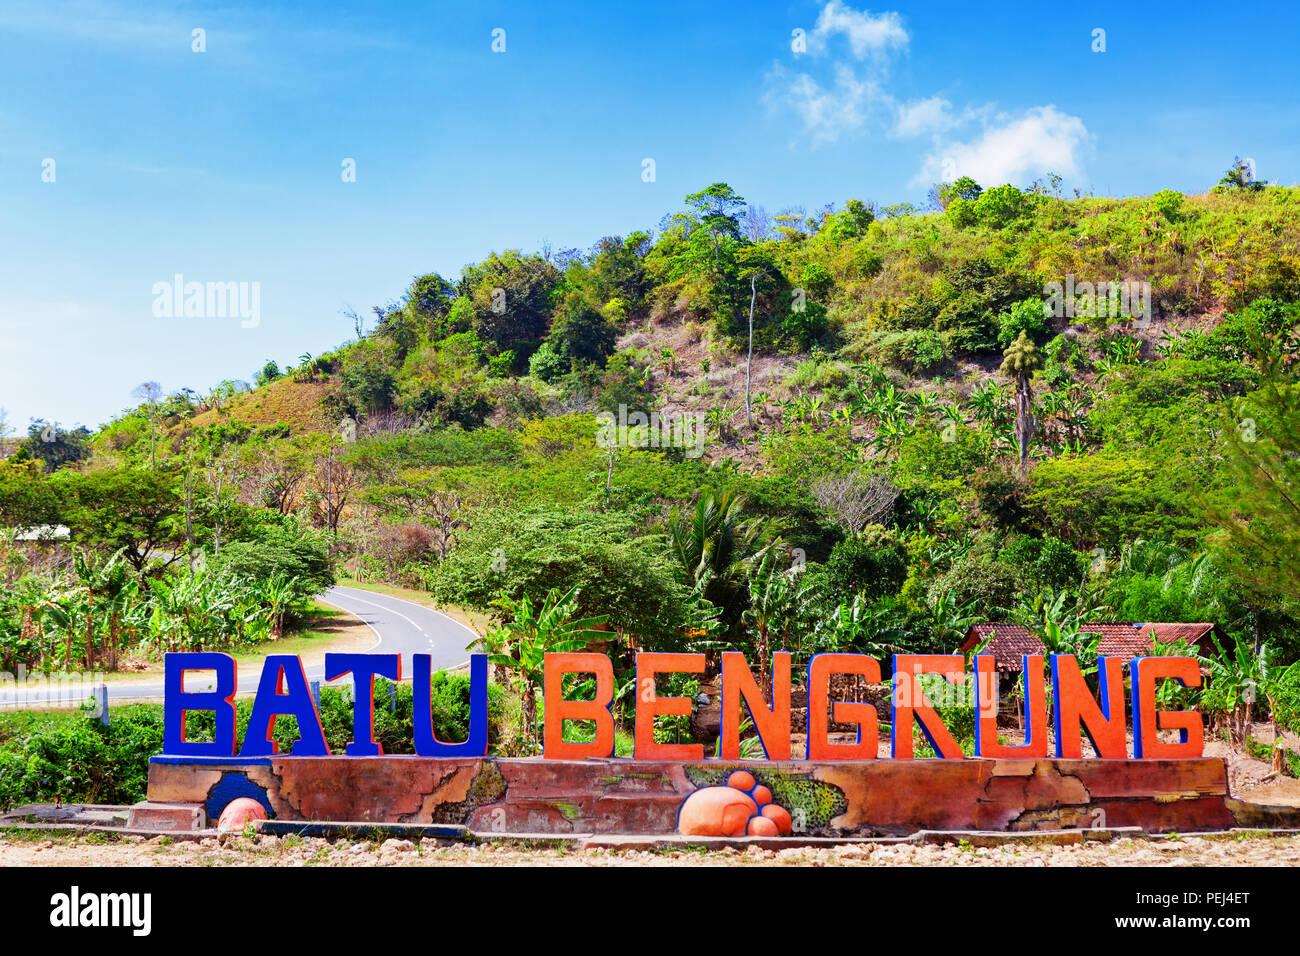 East Java, Indonesia - 10 Luglio 2018: Pantai Batu Bengkung mare Spiaggia e parco ricreativo entrata segno bordo. Un luogo popolare per visitare per la famiglia holi Immagini Stock